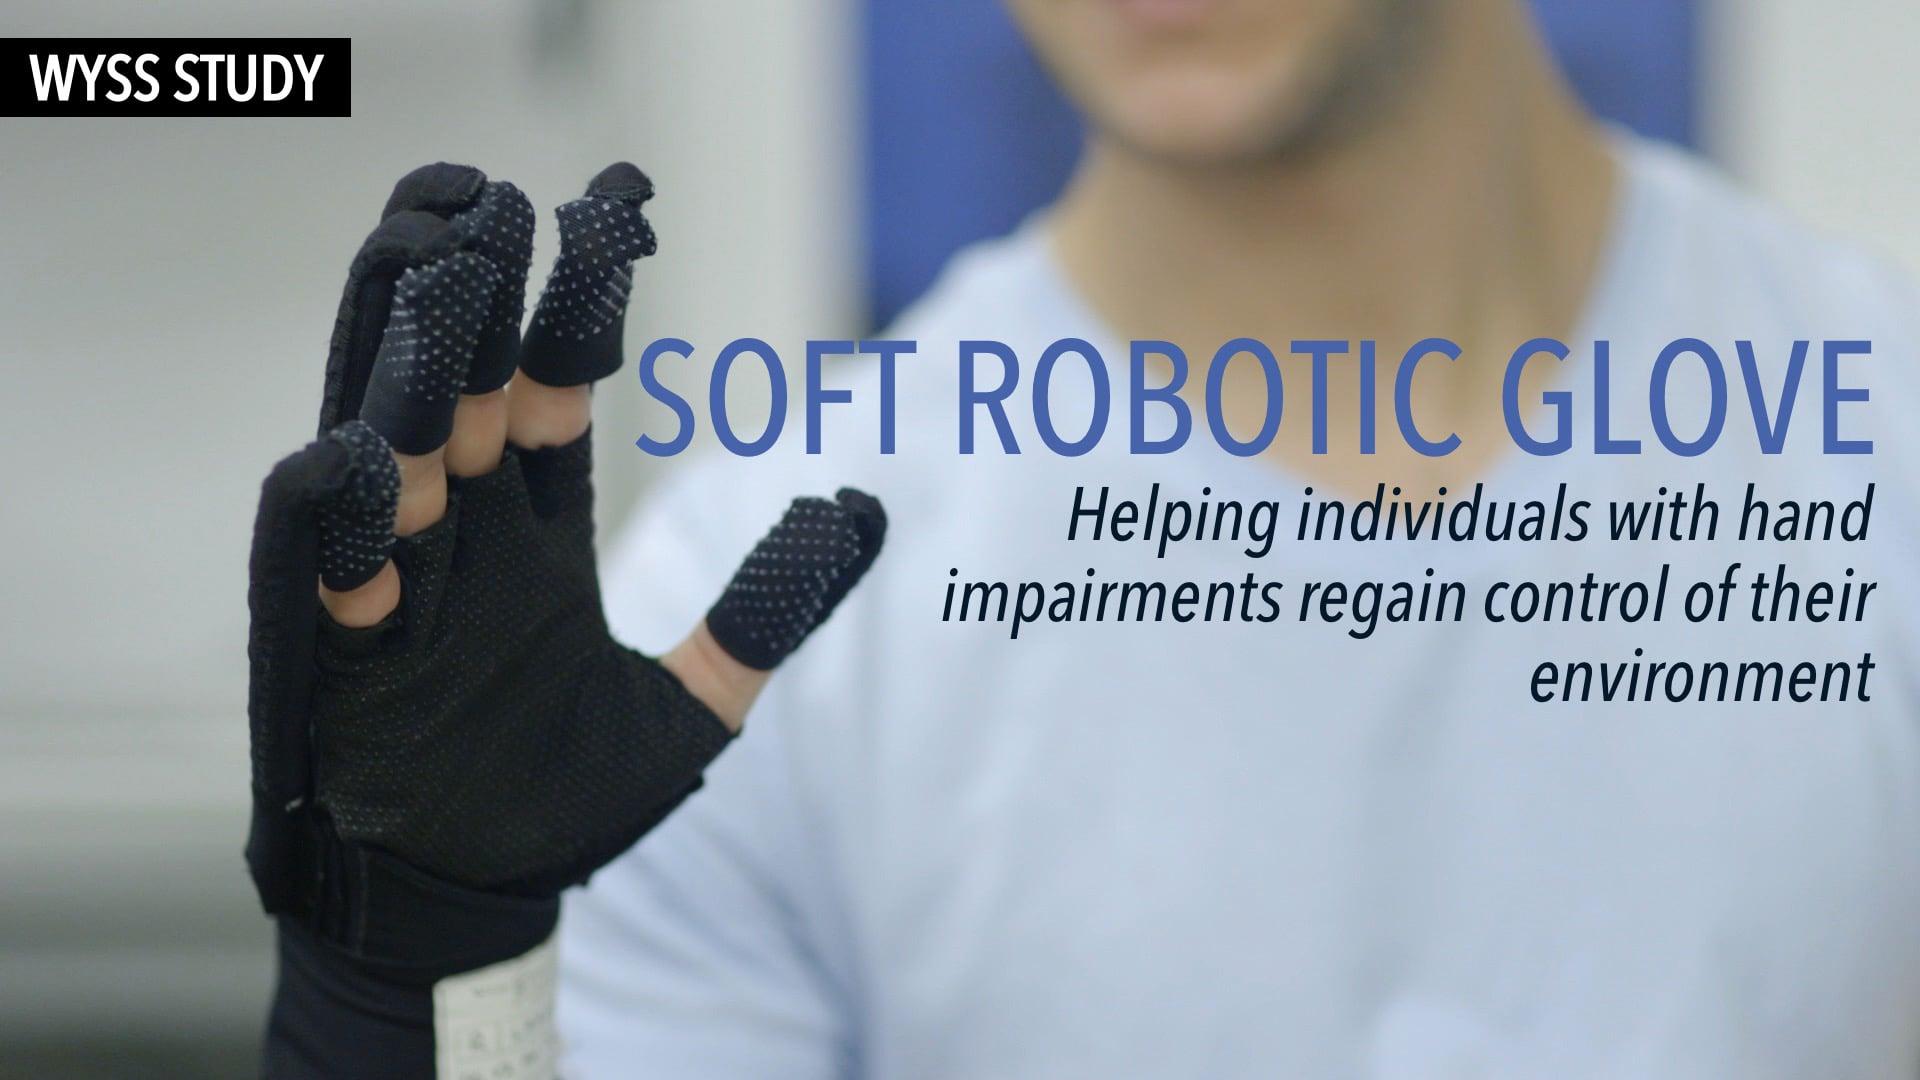 Wyss Study: Soft Robotic Glove